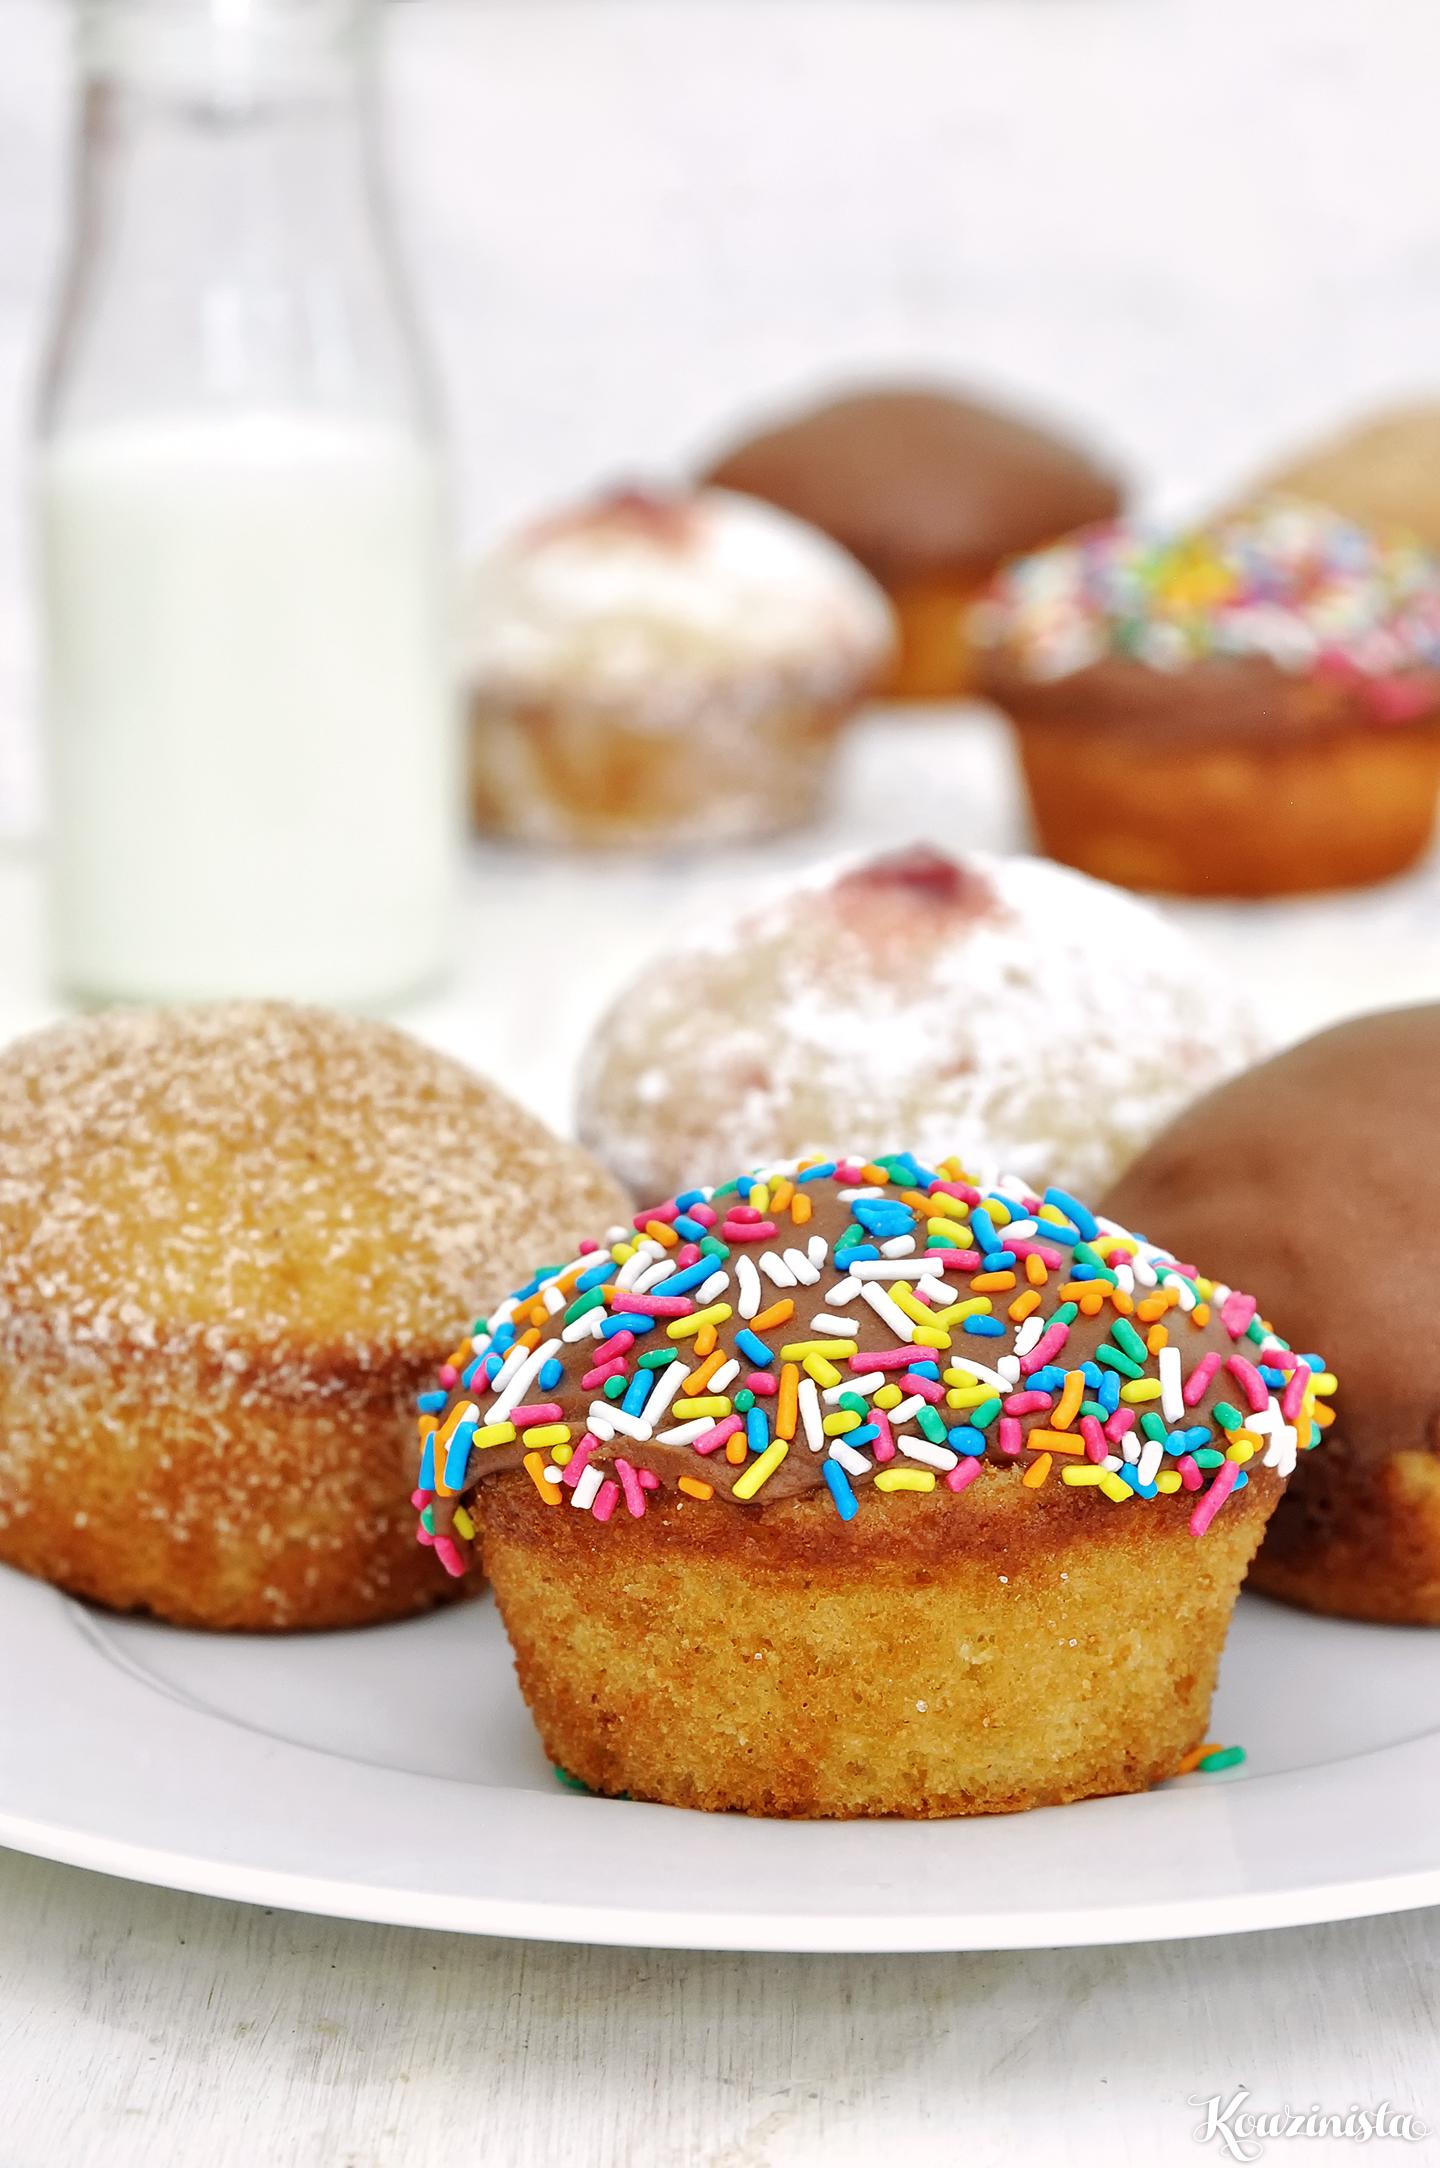 Ντόνατ-μάφινς ή ντάφινς με γλάσο πραλίνας φουντουκιού / Nutella glazed doughnut muffins